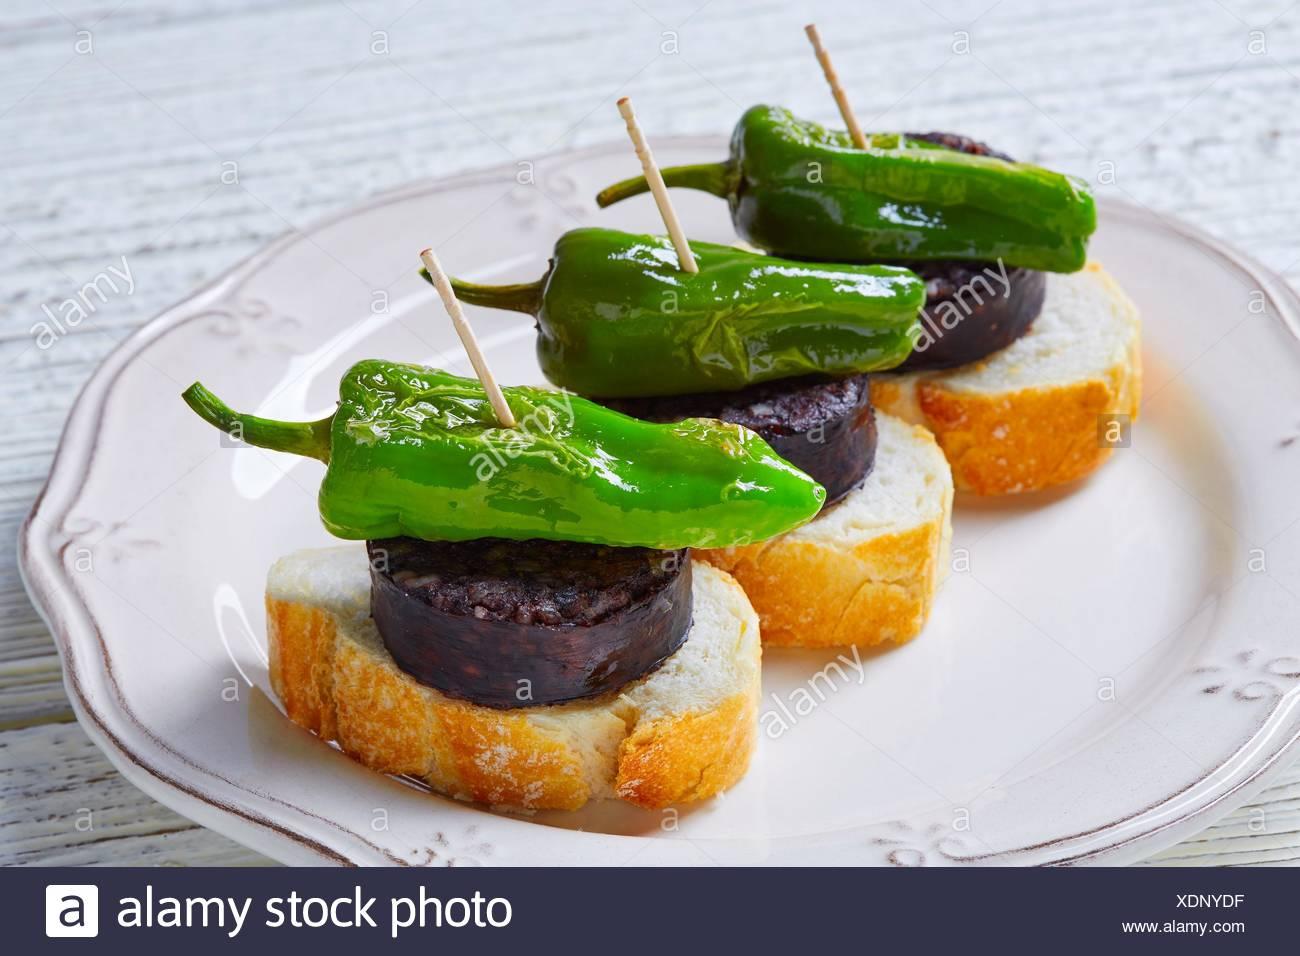 Pinchos morcilla de Burgos con pimiento de padron pintxos tapas de España comida. Imagen De Stock